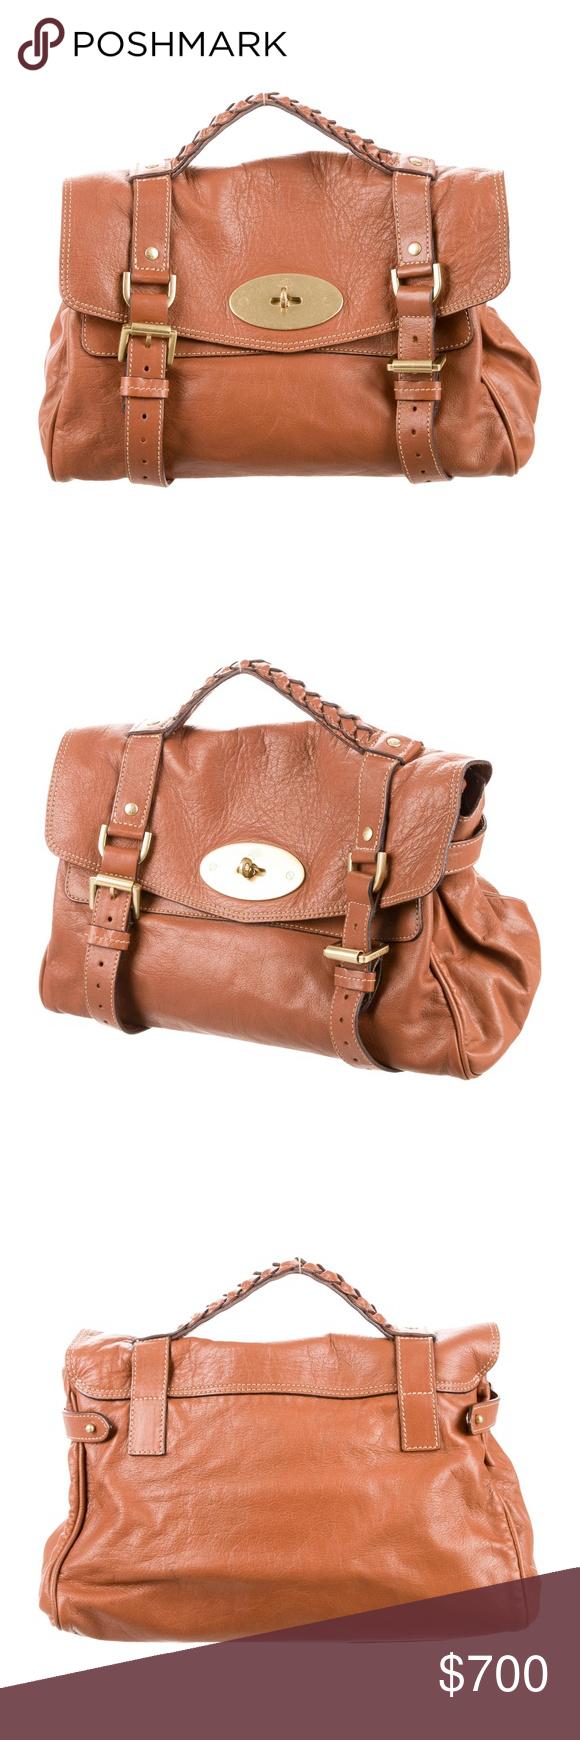 2de3abb6c0a1 ... switzerland mulberry cognac leather alexa bag cognac leather mulberry  alexa bag with antiqued gold 7e487 ad6c1